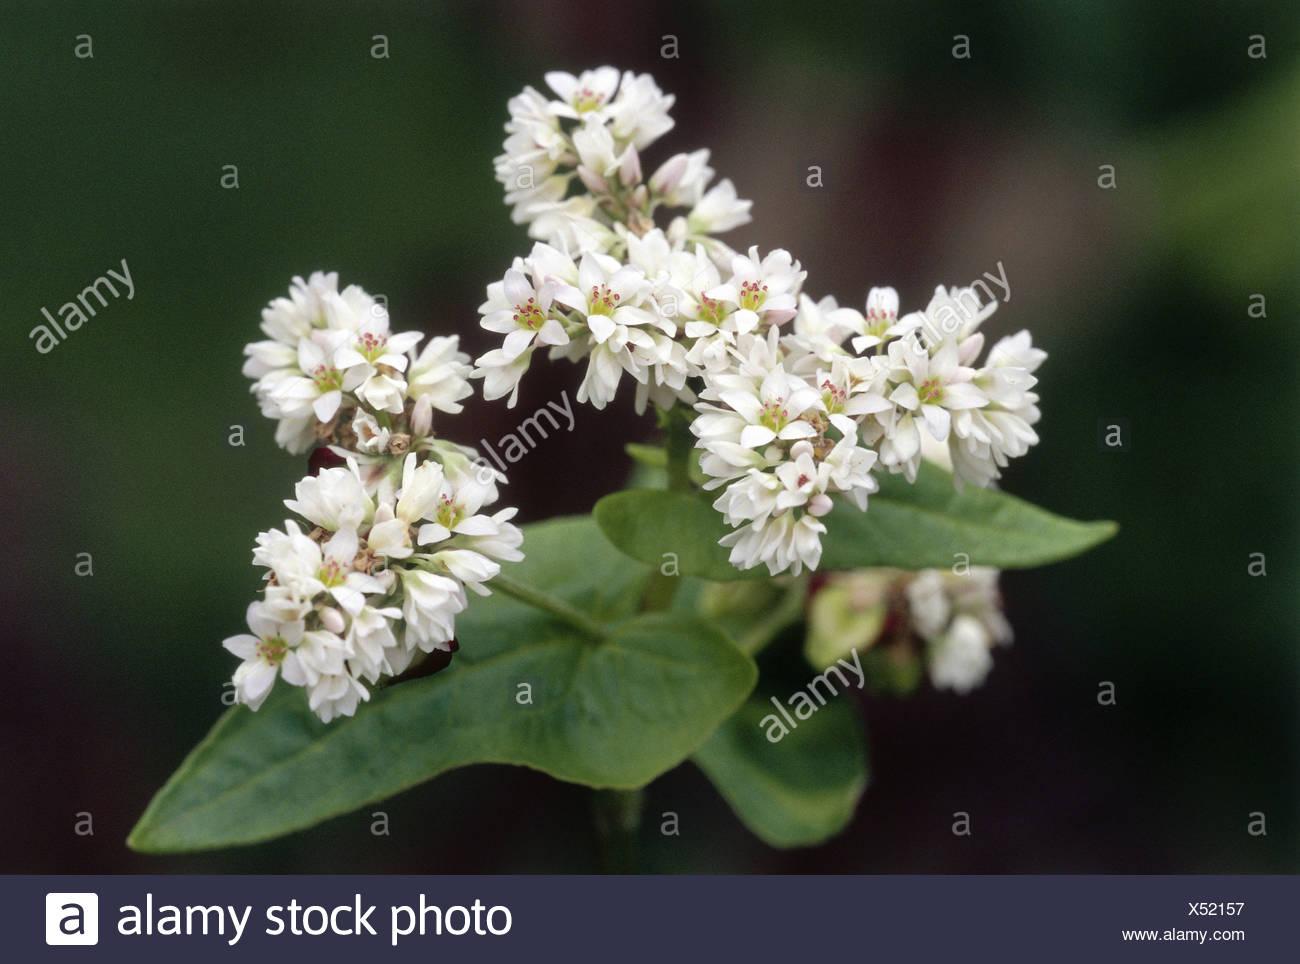 Botanik, Buchweizen (Fagopyrum esculentum), Blüten, Additional-Rights - Clearance-Info - Not-Available Stockbild